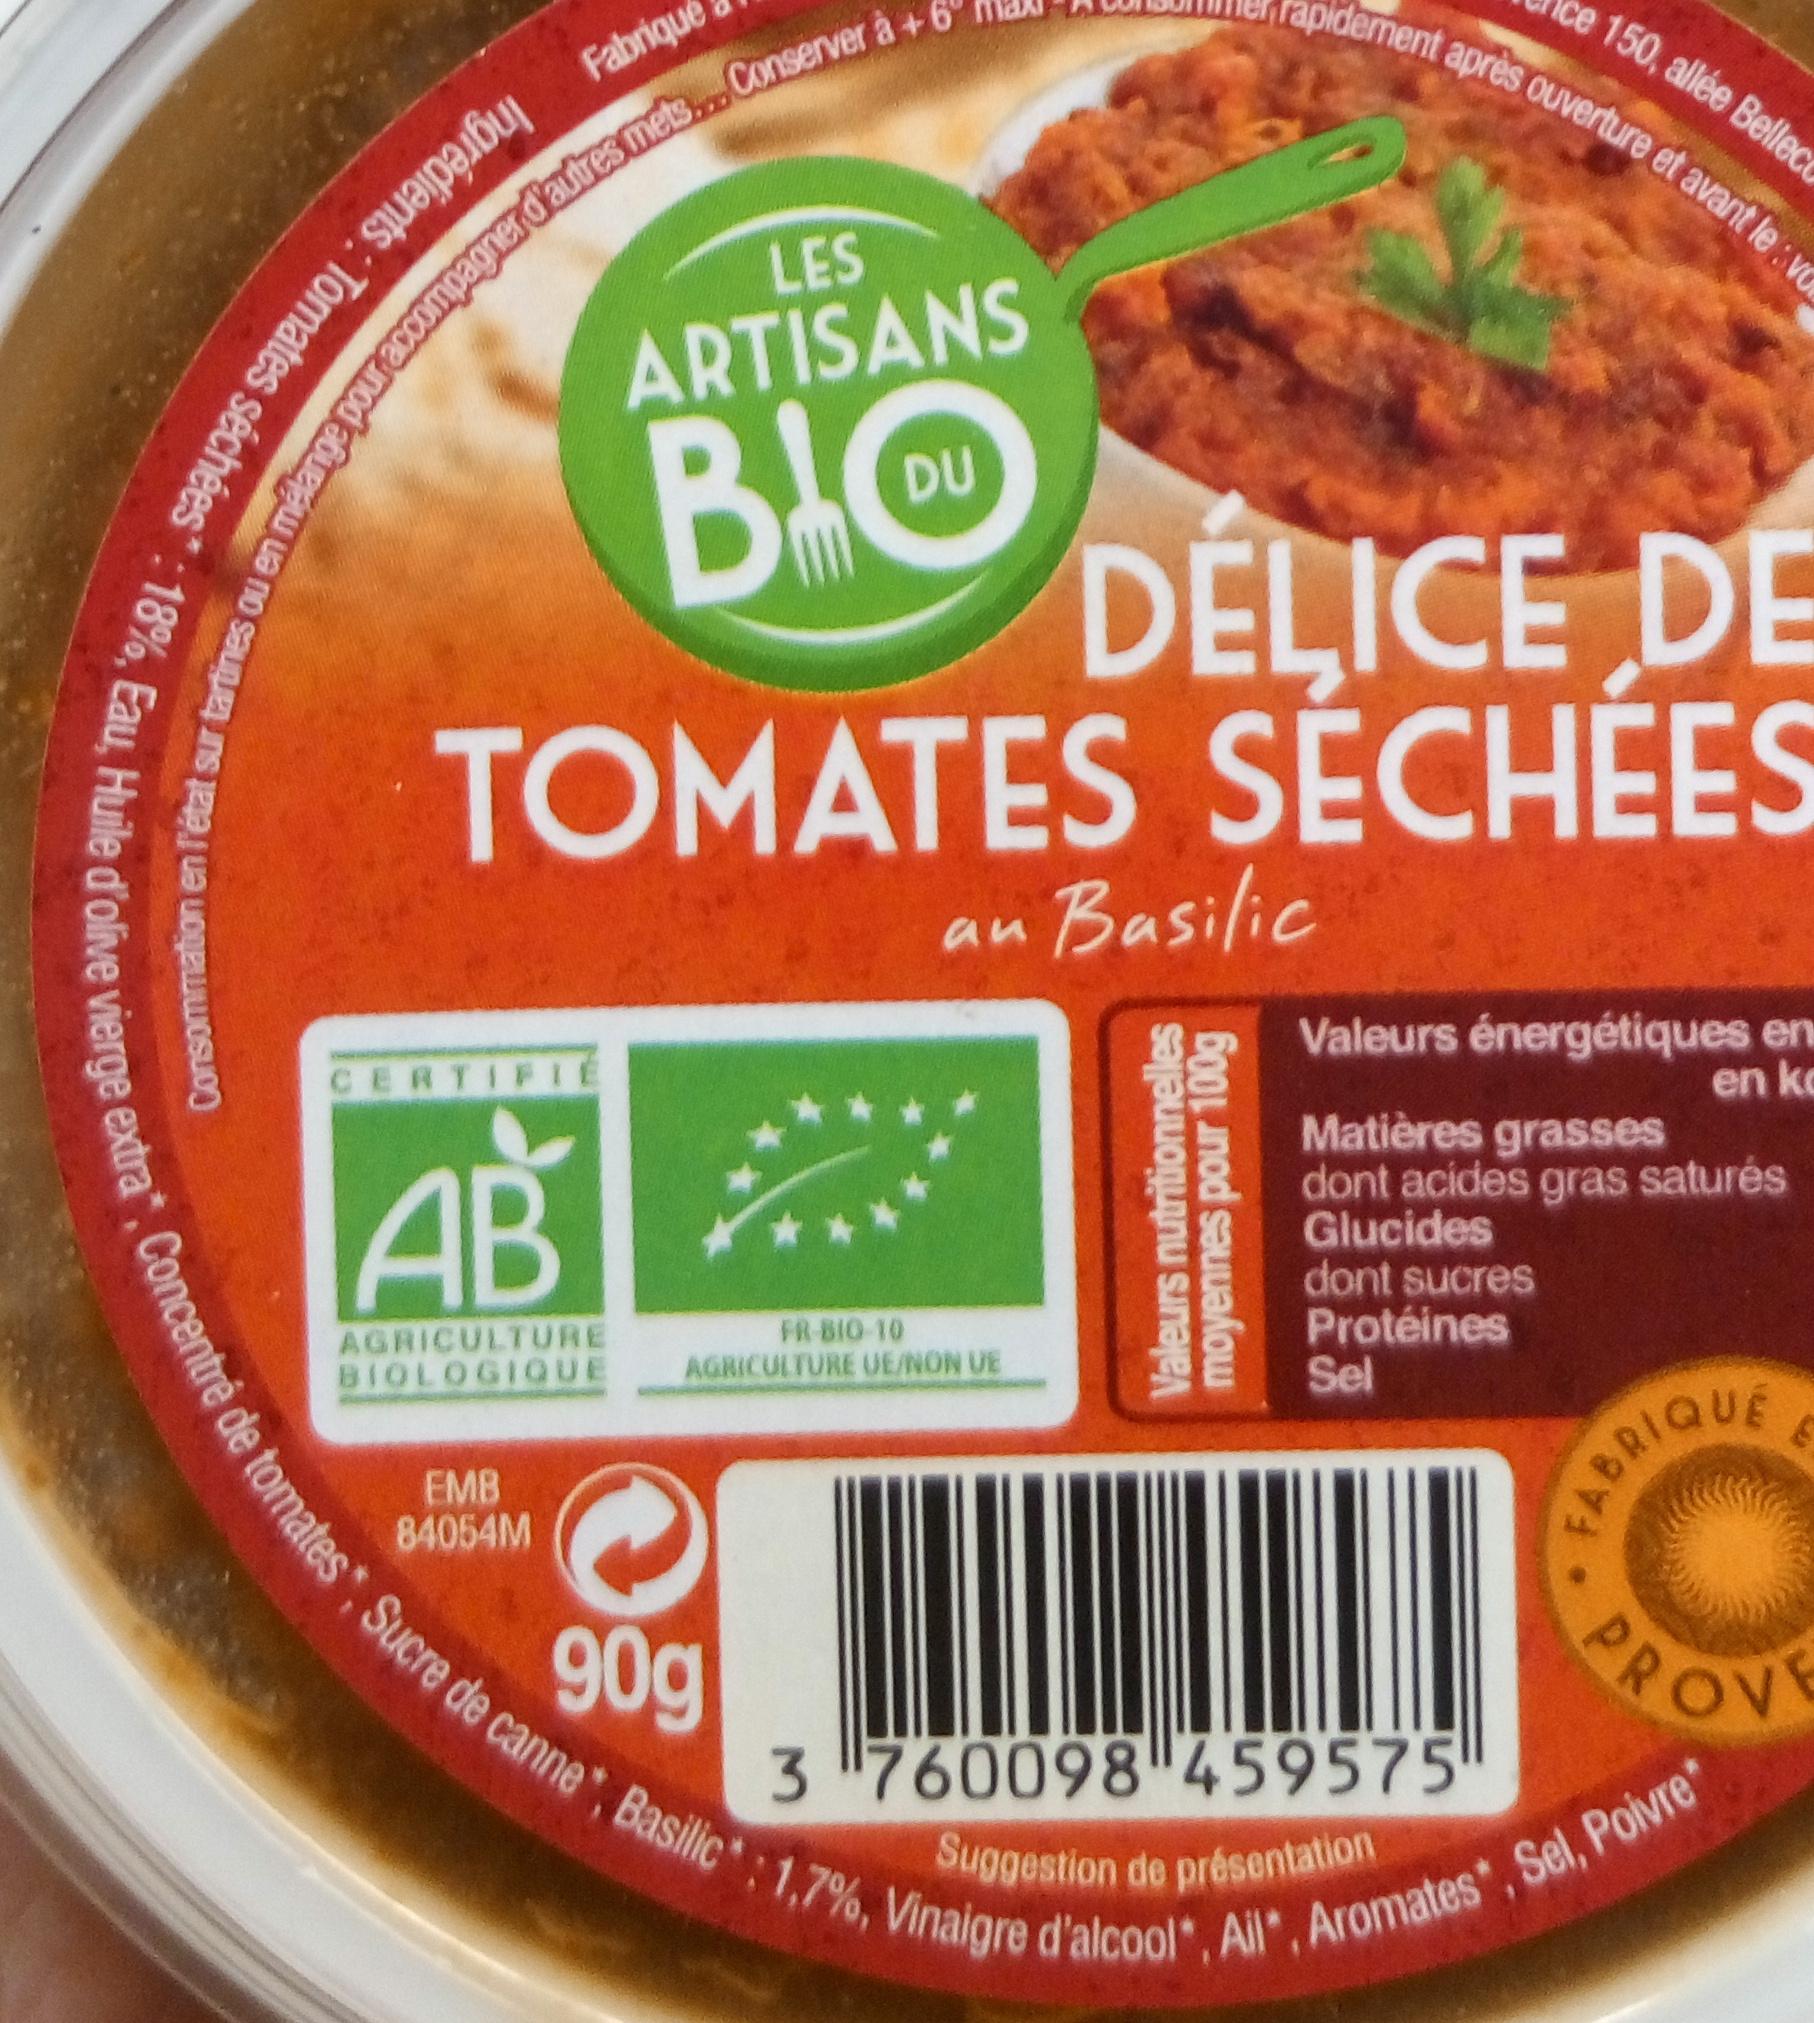 Délice de Tomates Séchées au Basilic - Ingredients - fr